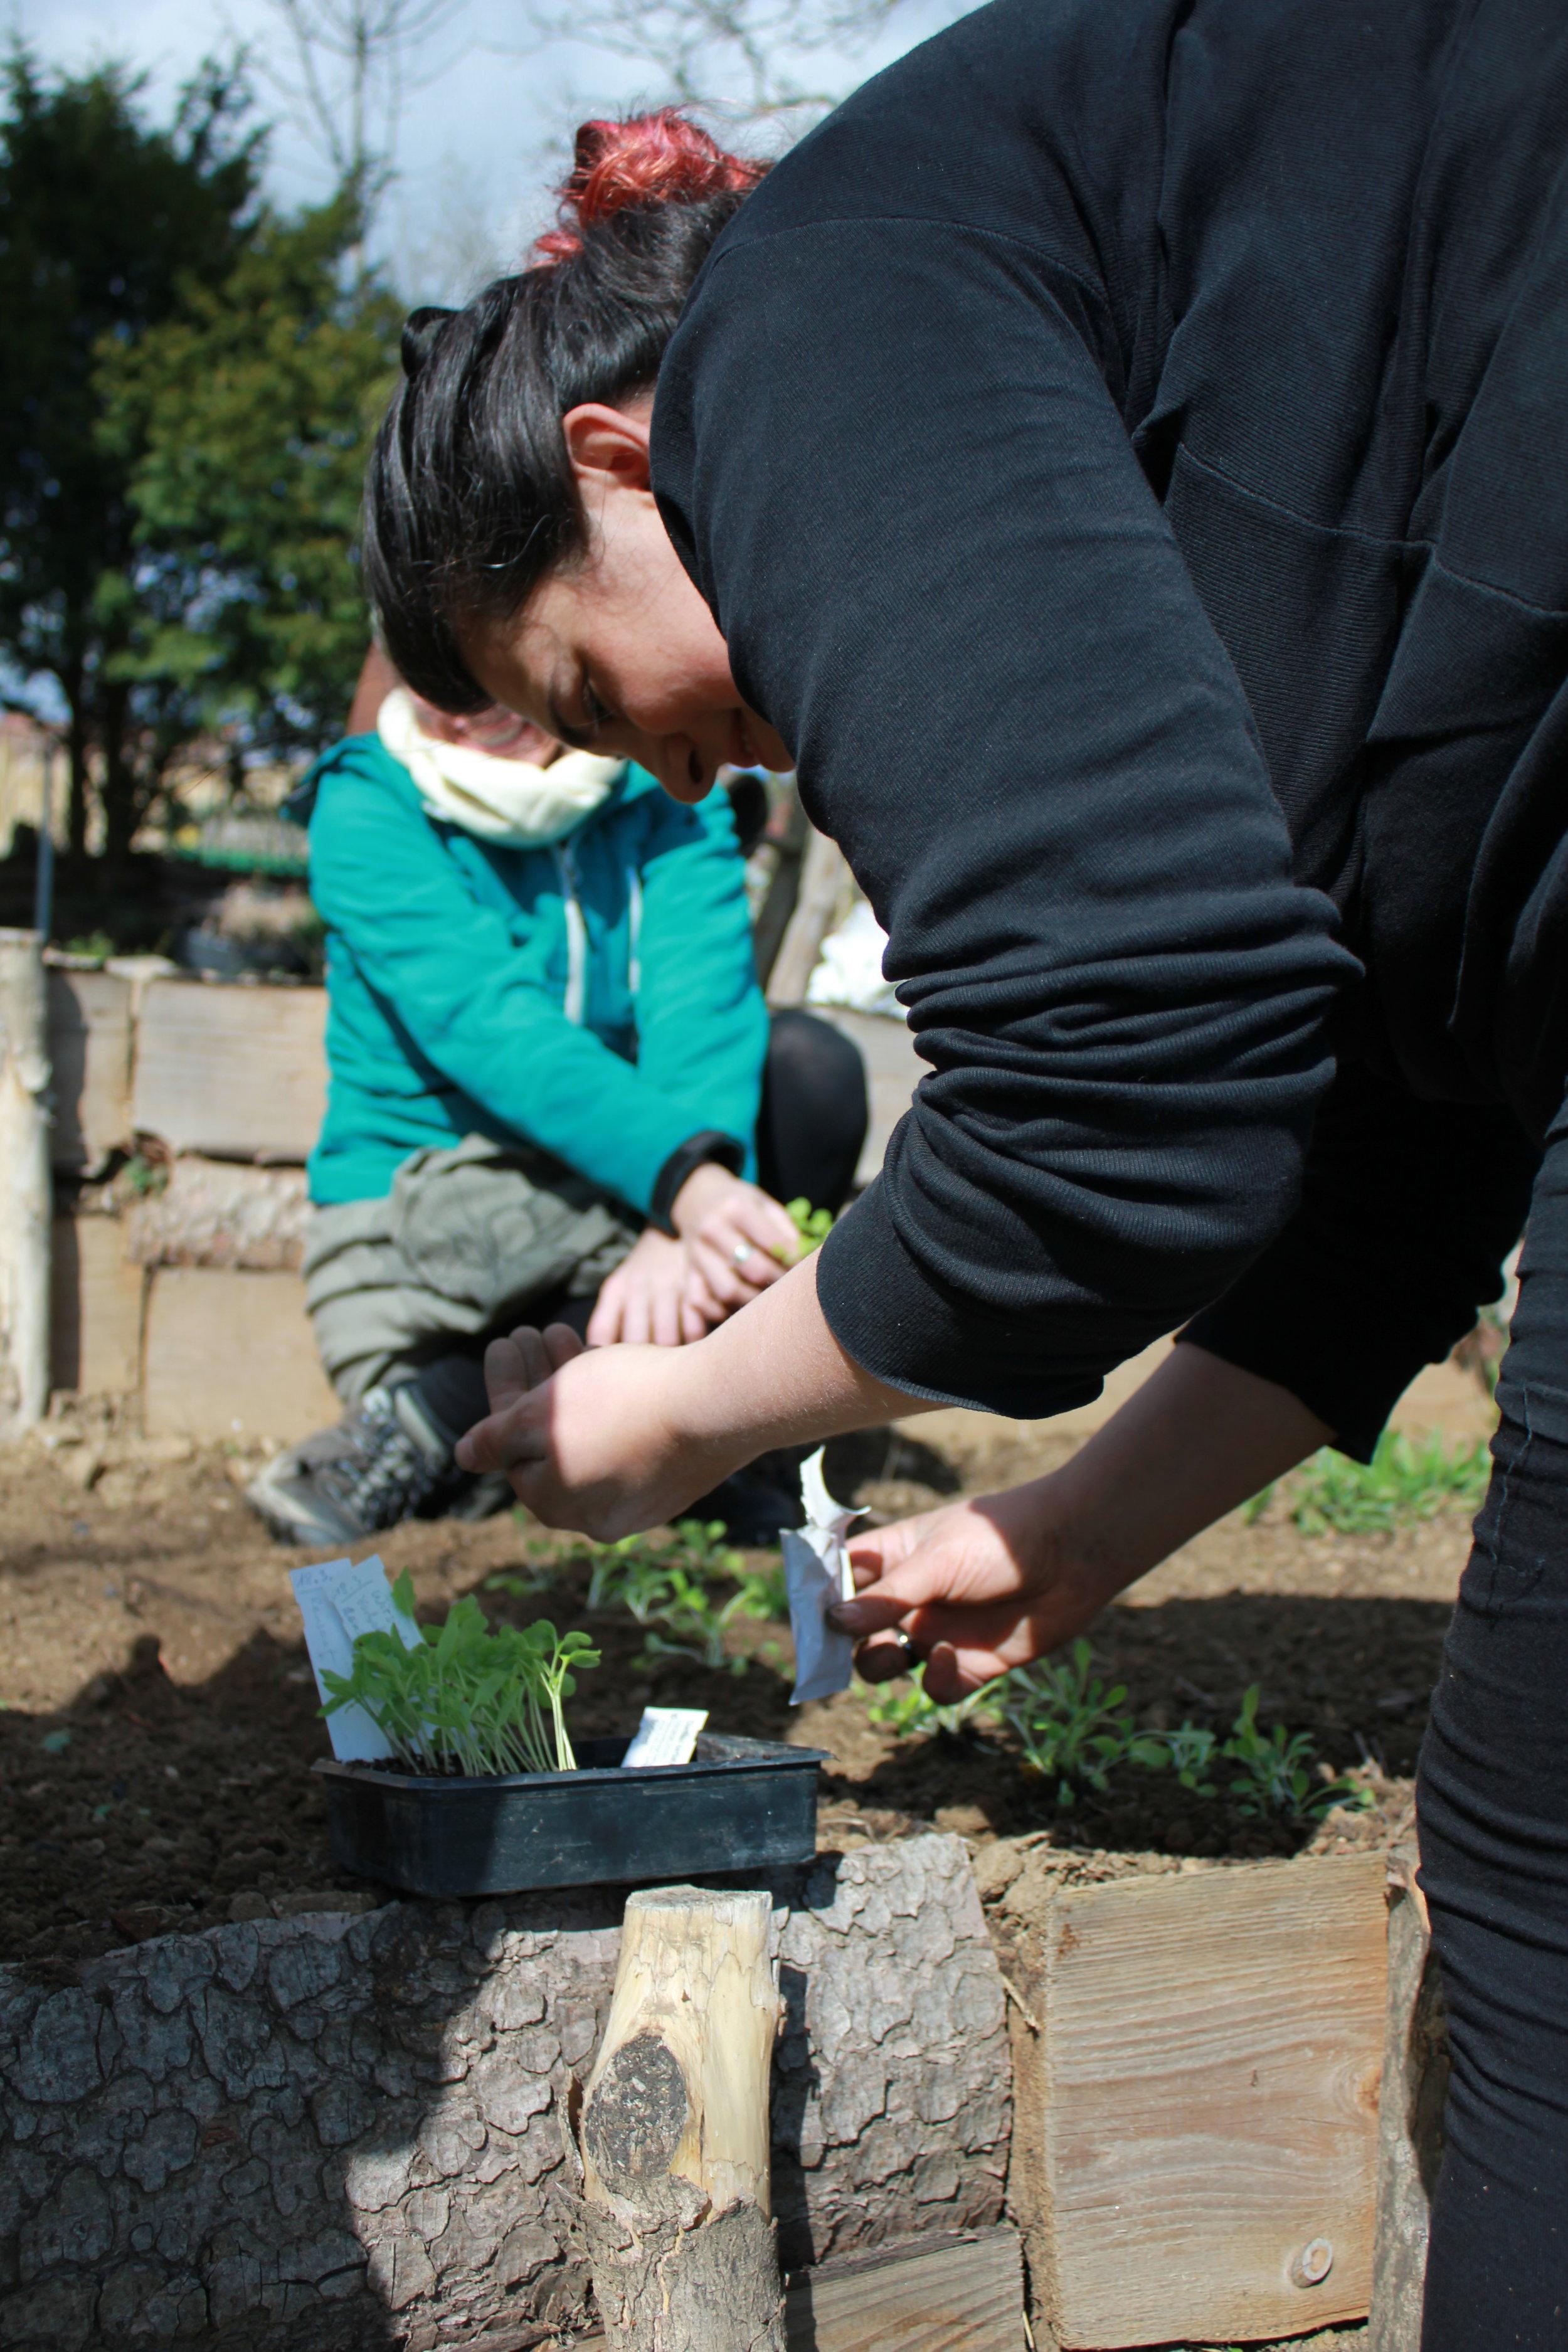 Gartenbegleitung im Gemüsegarten